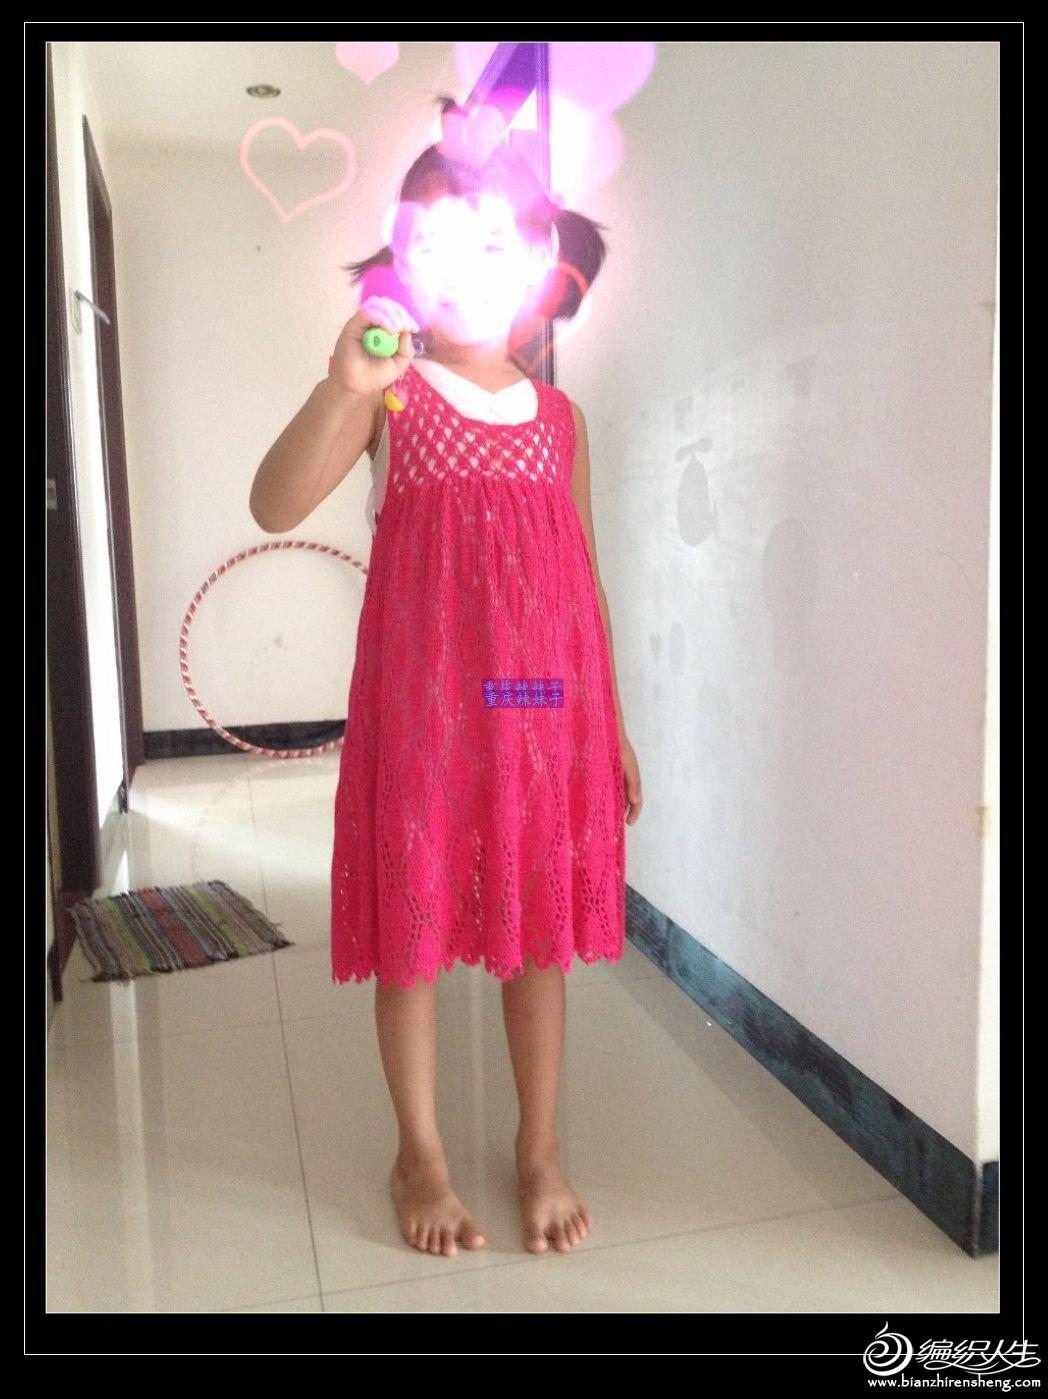 nEO_IMG_nEO_IMG_2014-09-20 111538.jpg